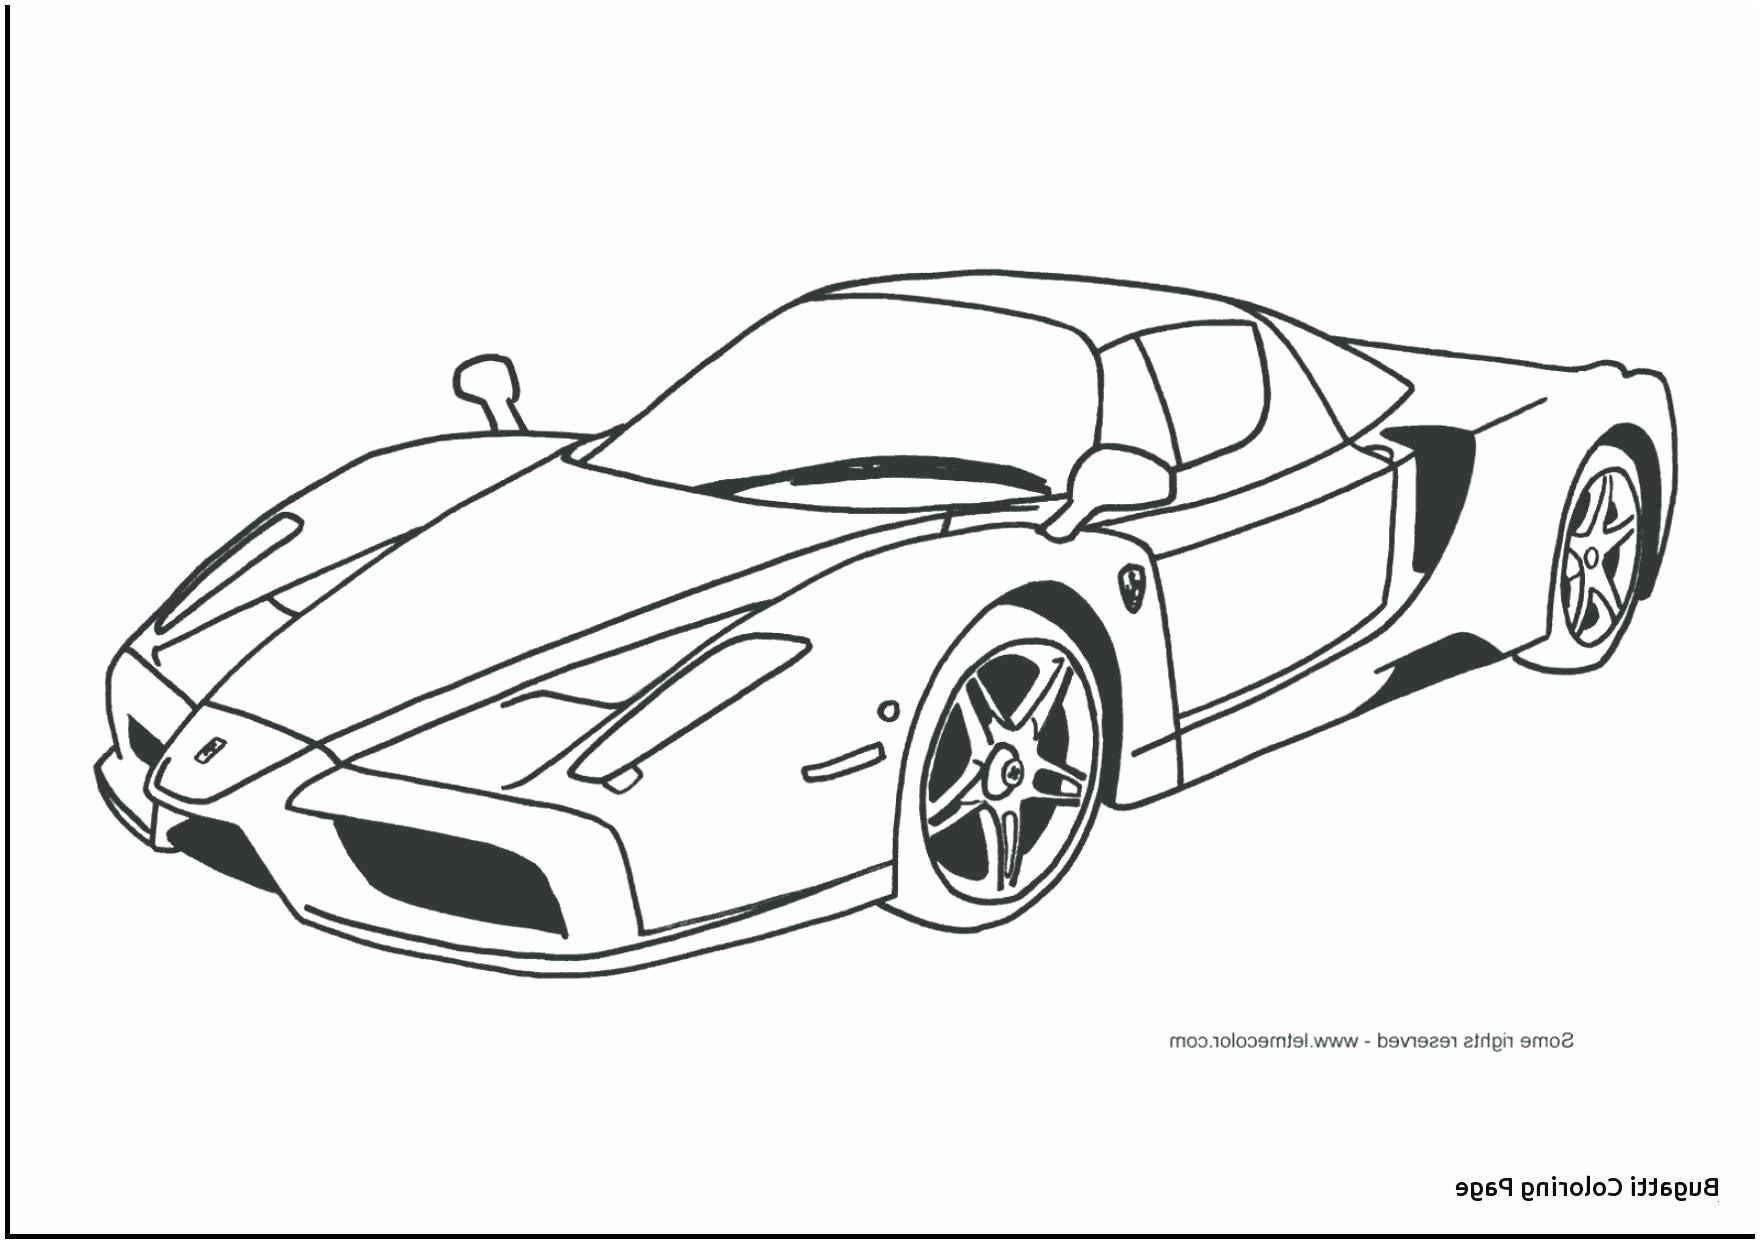 Lamborghini Zum Ausmalen Frisch 29 Luxus Lamborghini Zum Ausmalen – Malvorlagen Ideen Galerie